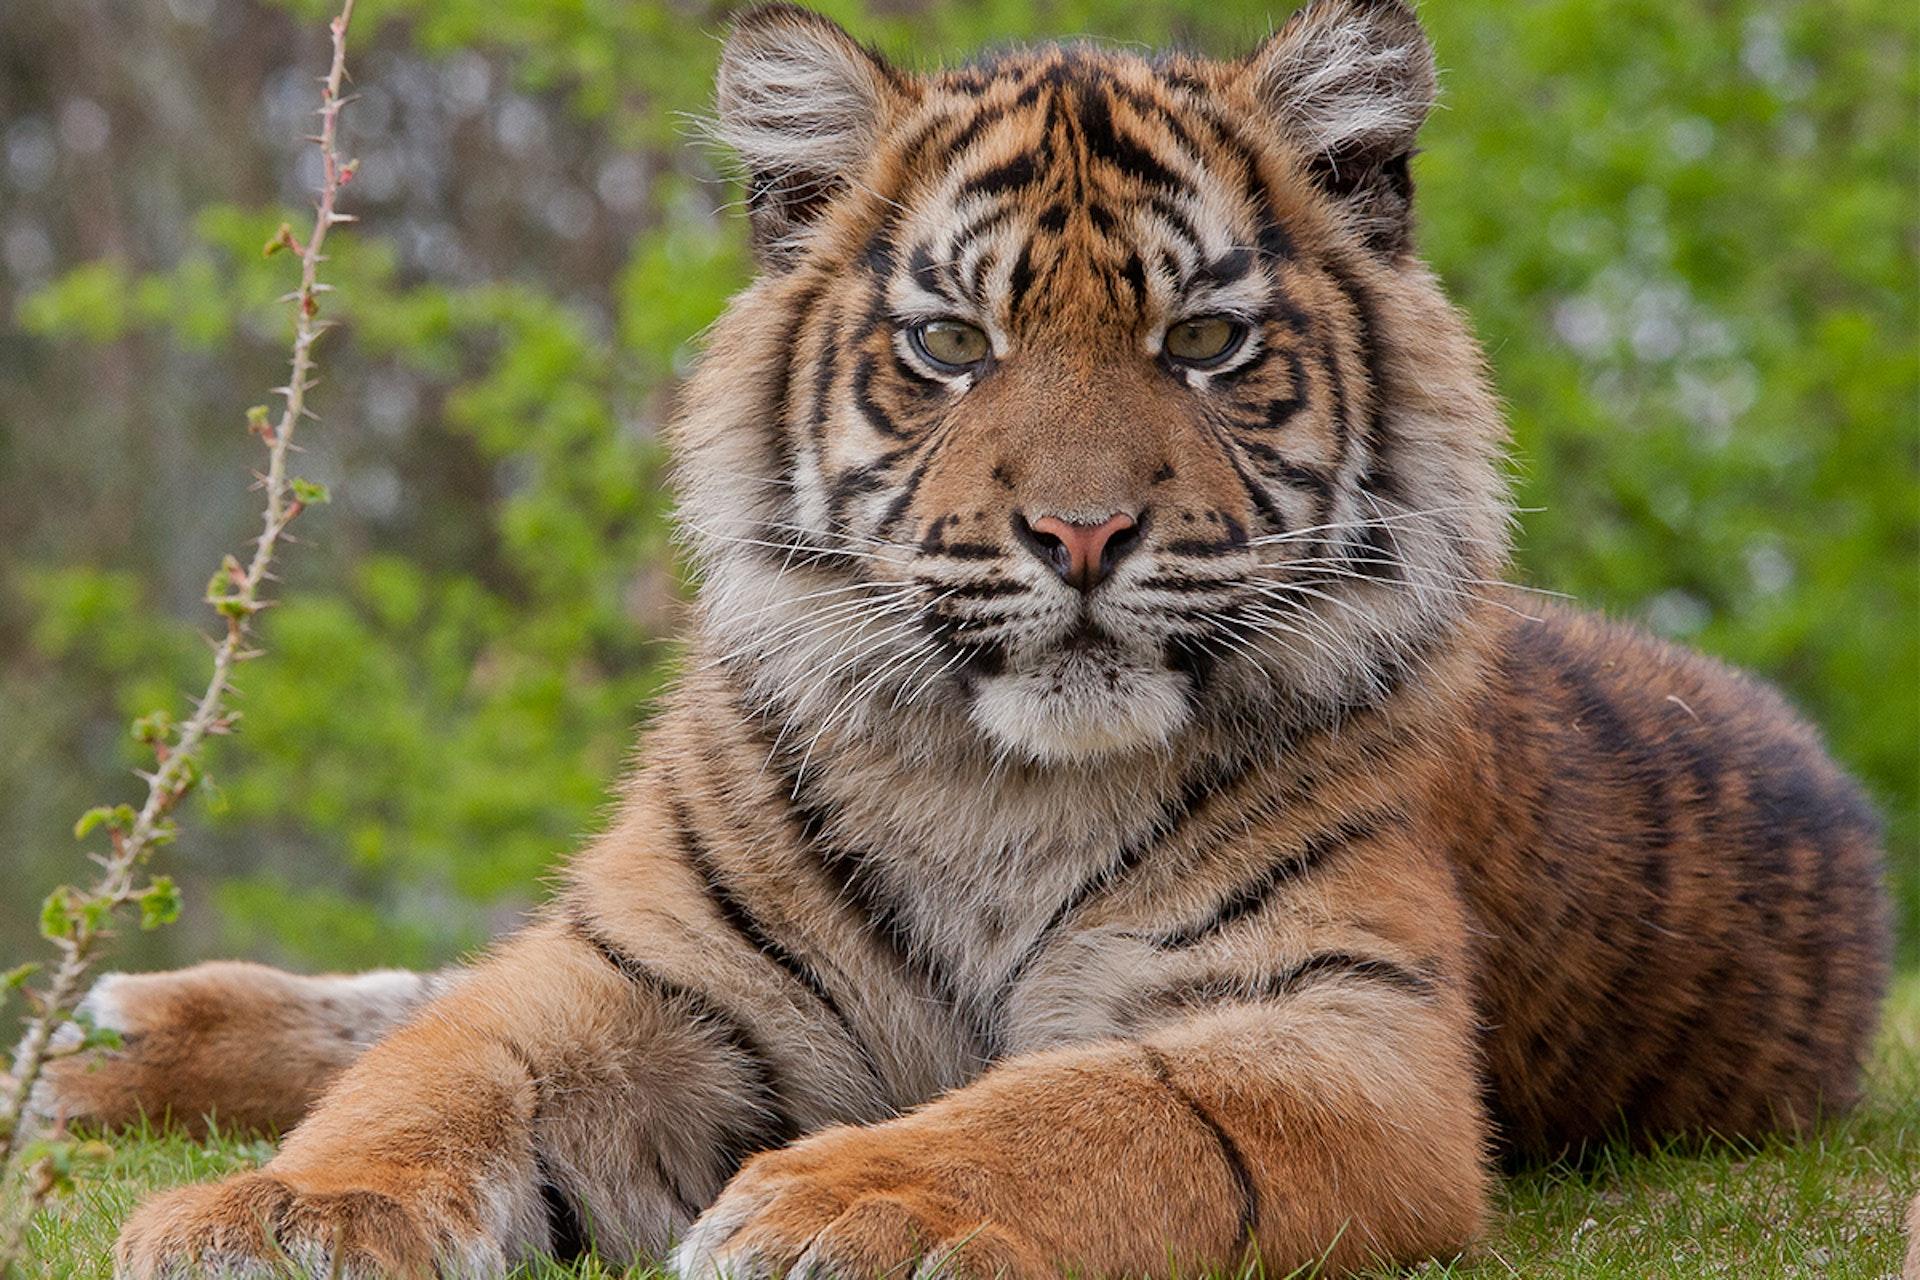 Ontmoet jouw favoriete dieren bij Burger's Zoo!